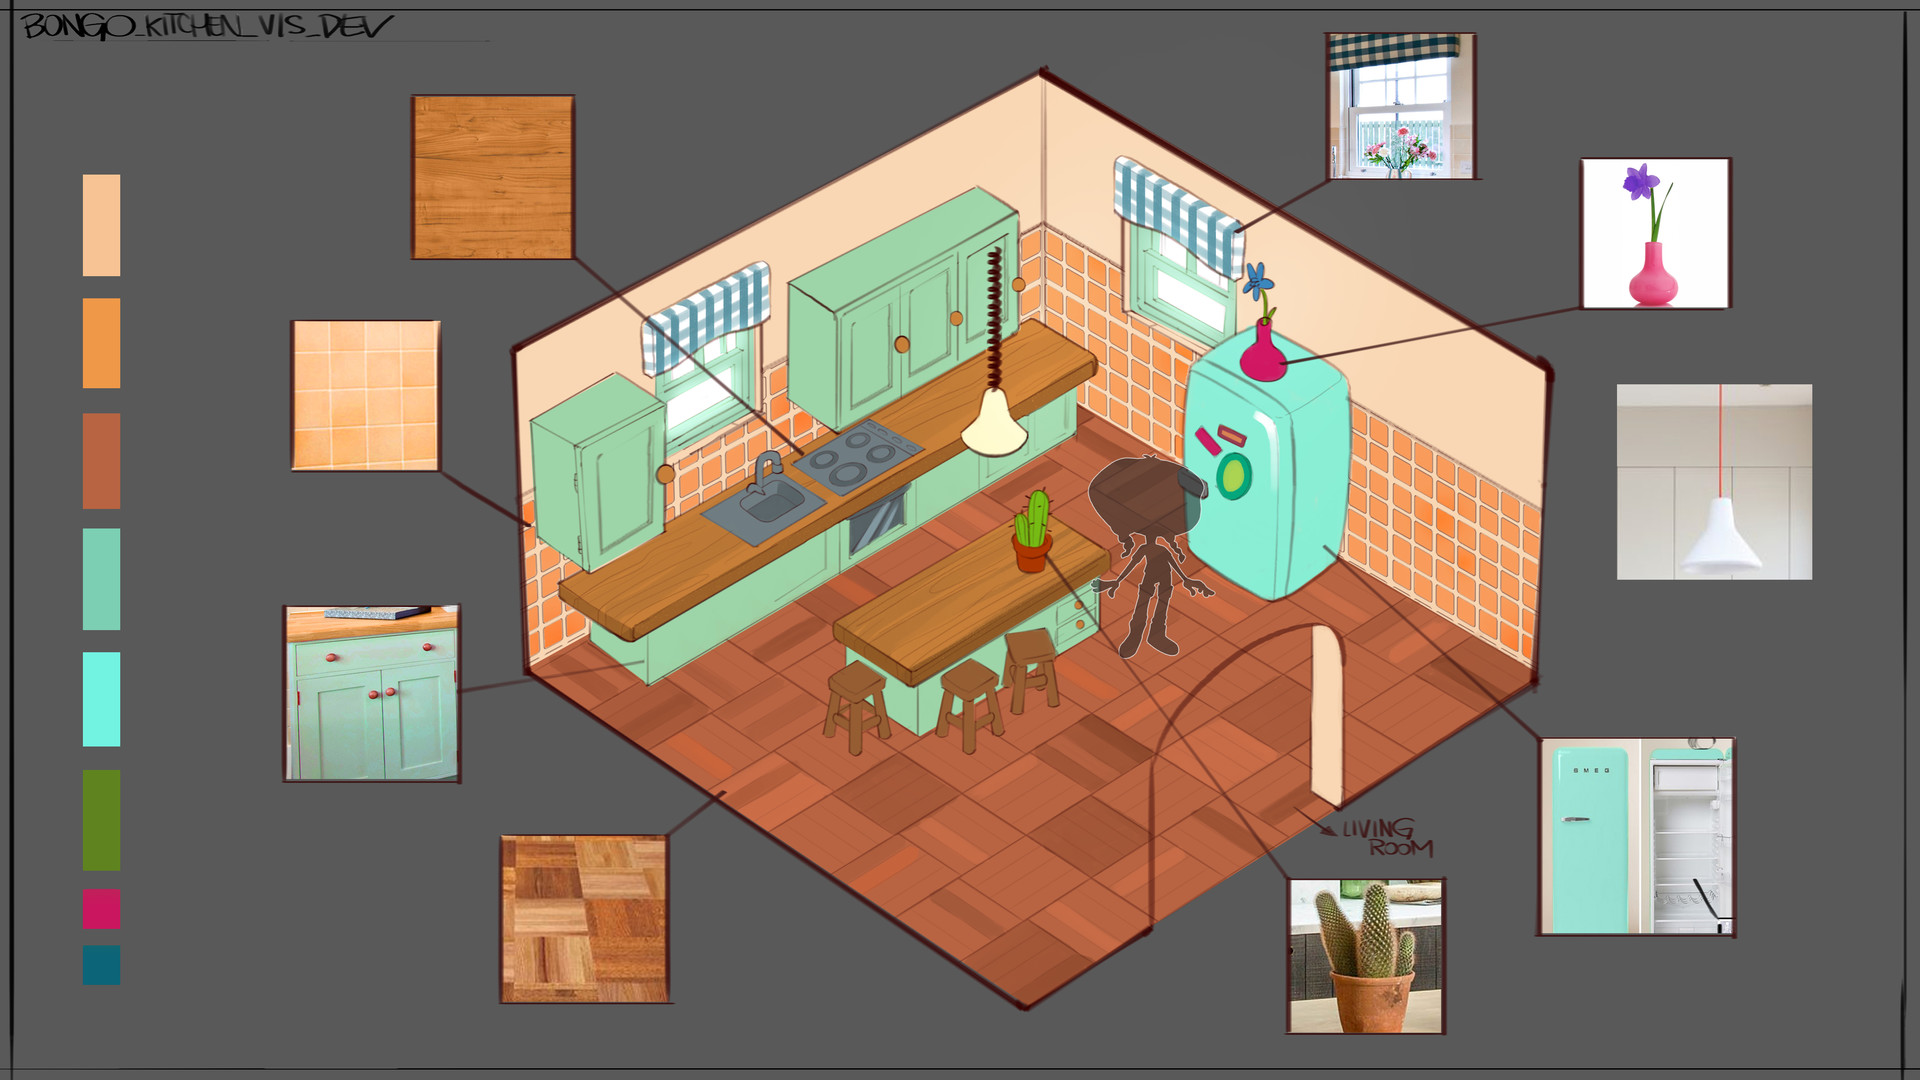 Francesco mazza bongo kitchen sketch viz dev v01